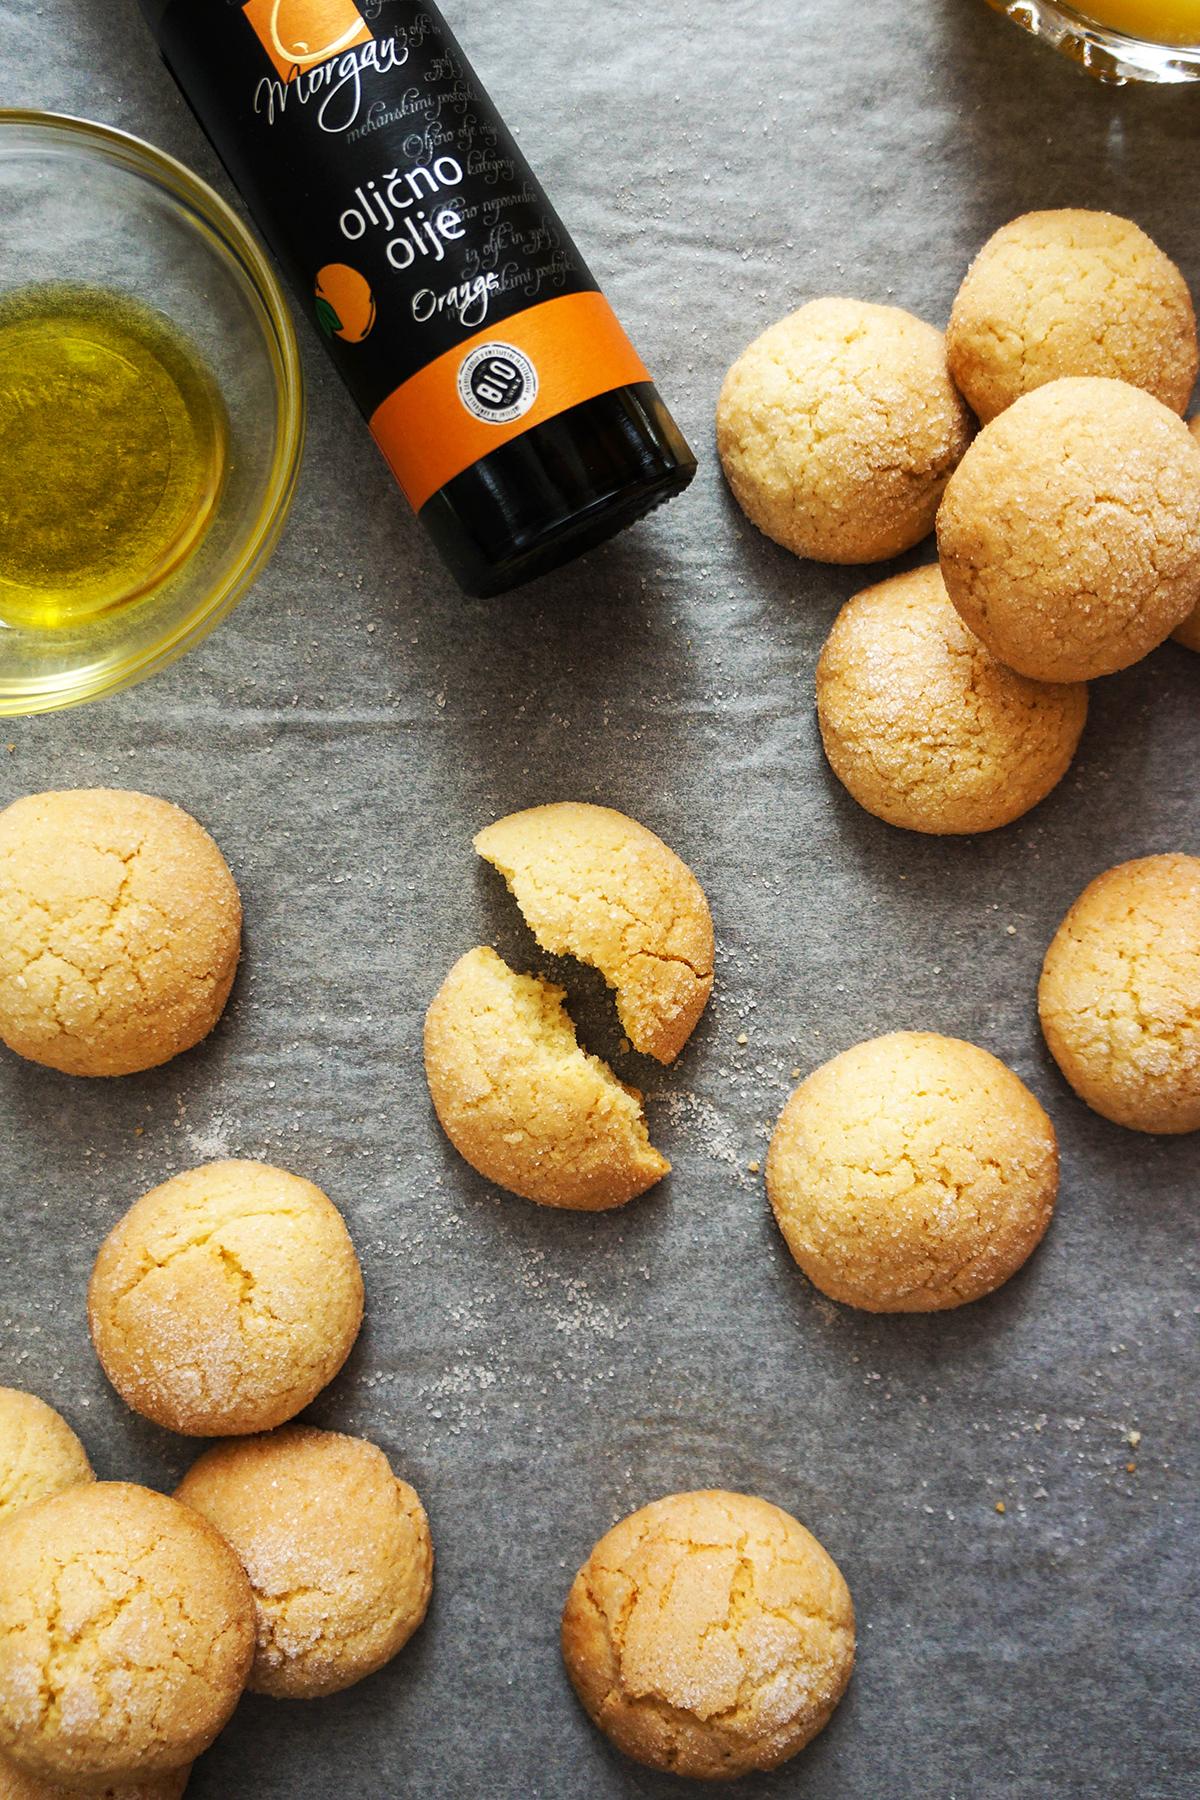 Pomarančni olivni piškotki